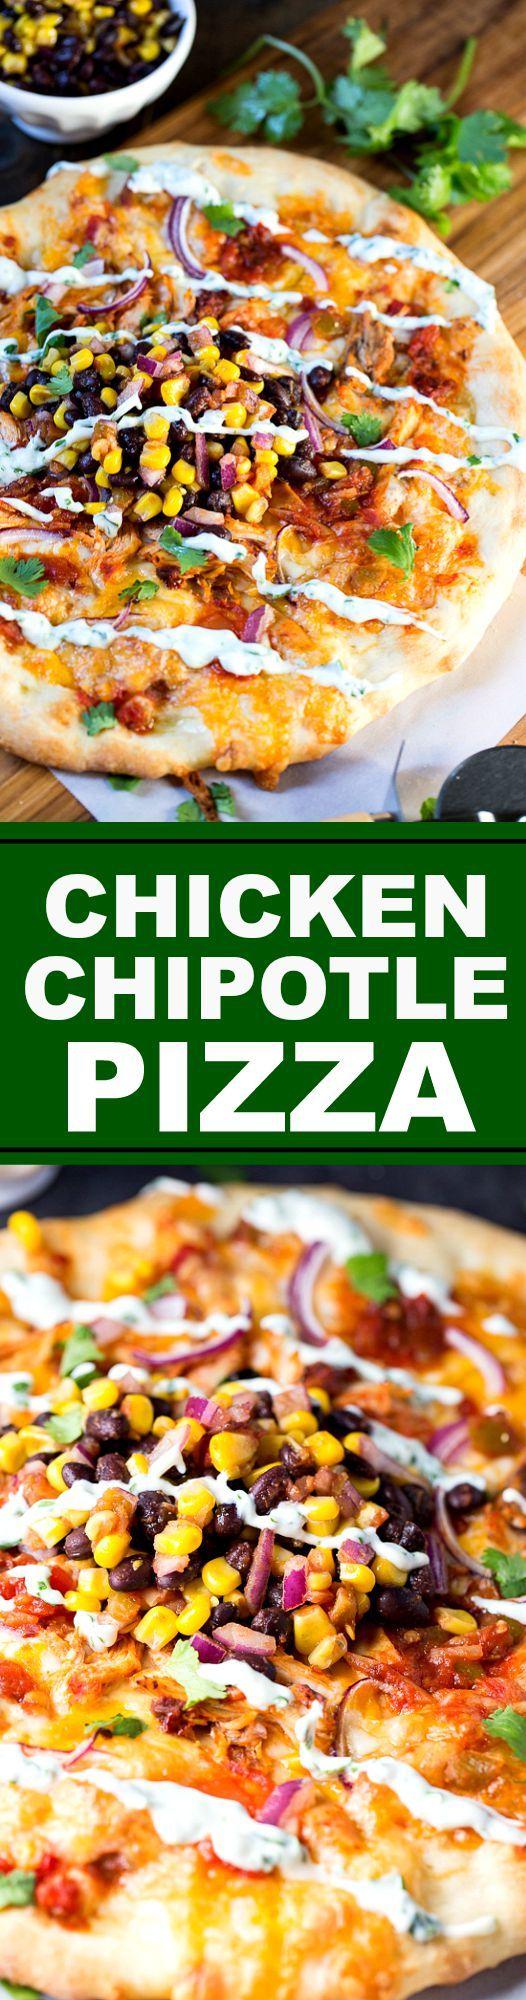 Chicken Chipotle Pizza - California Pizza Kitchen copycat